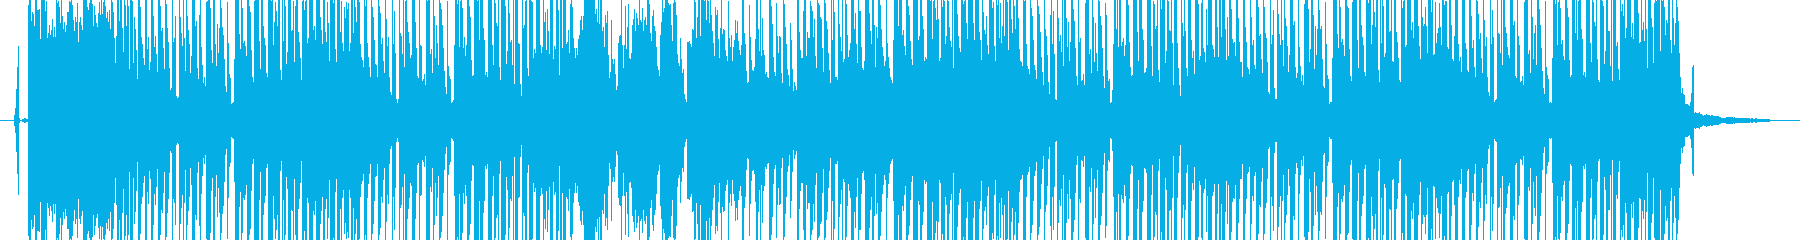 和風音源+ほのぼのの再生済みの波形